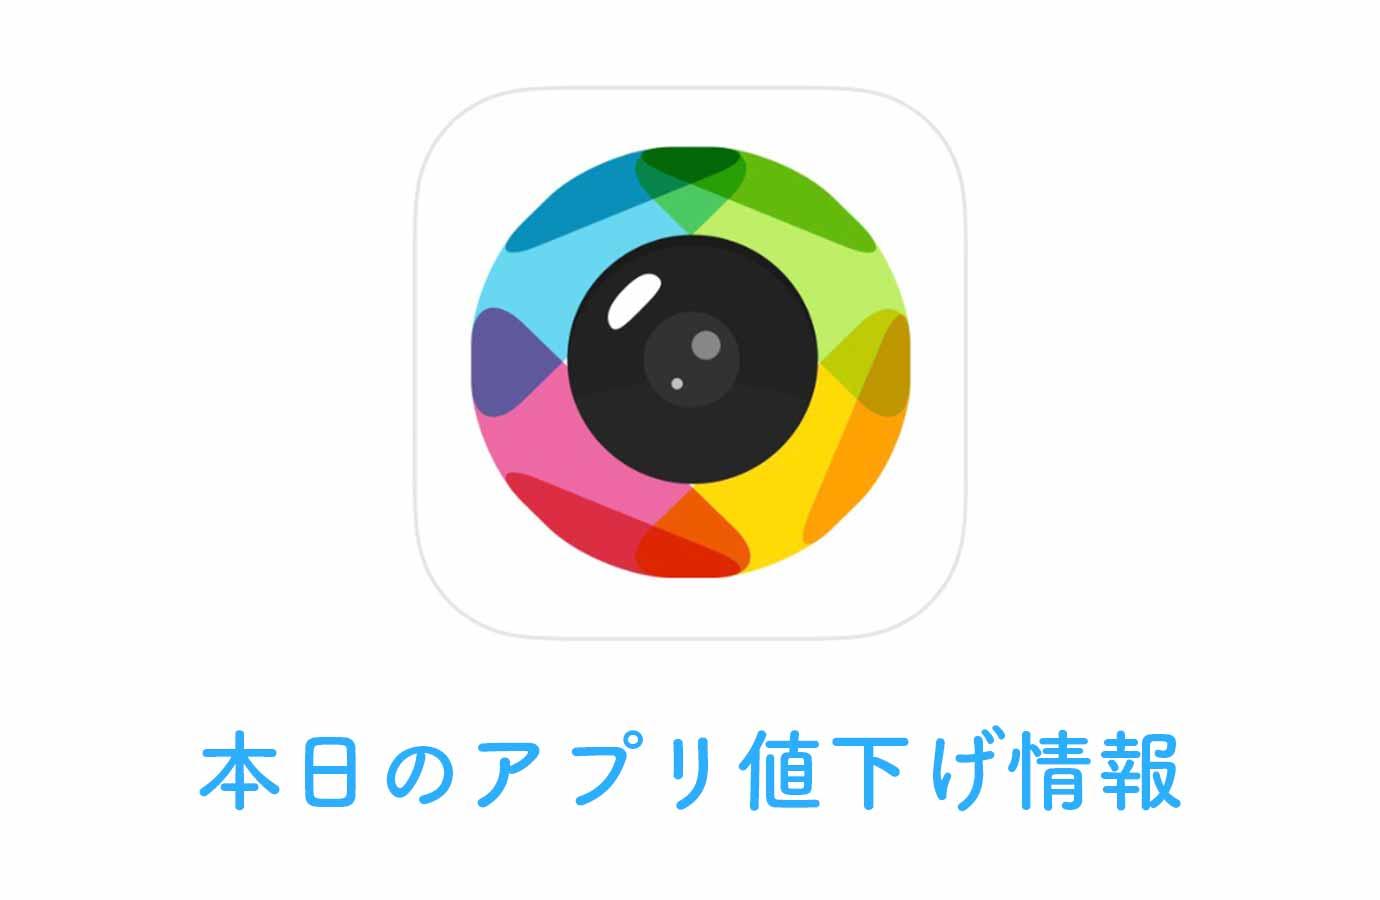 120円→無料!顔補正、写真合成機能などが搭載された高機能な写真加工アプリ「Toast」など【7/7版】アプリ値下げ情報